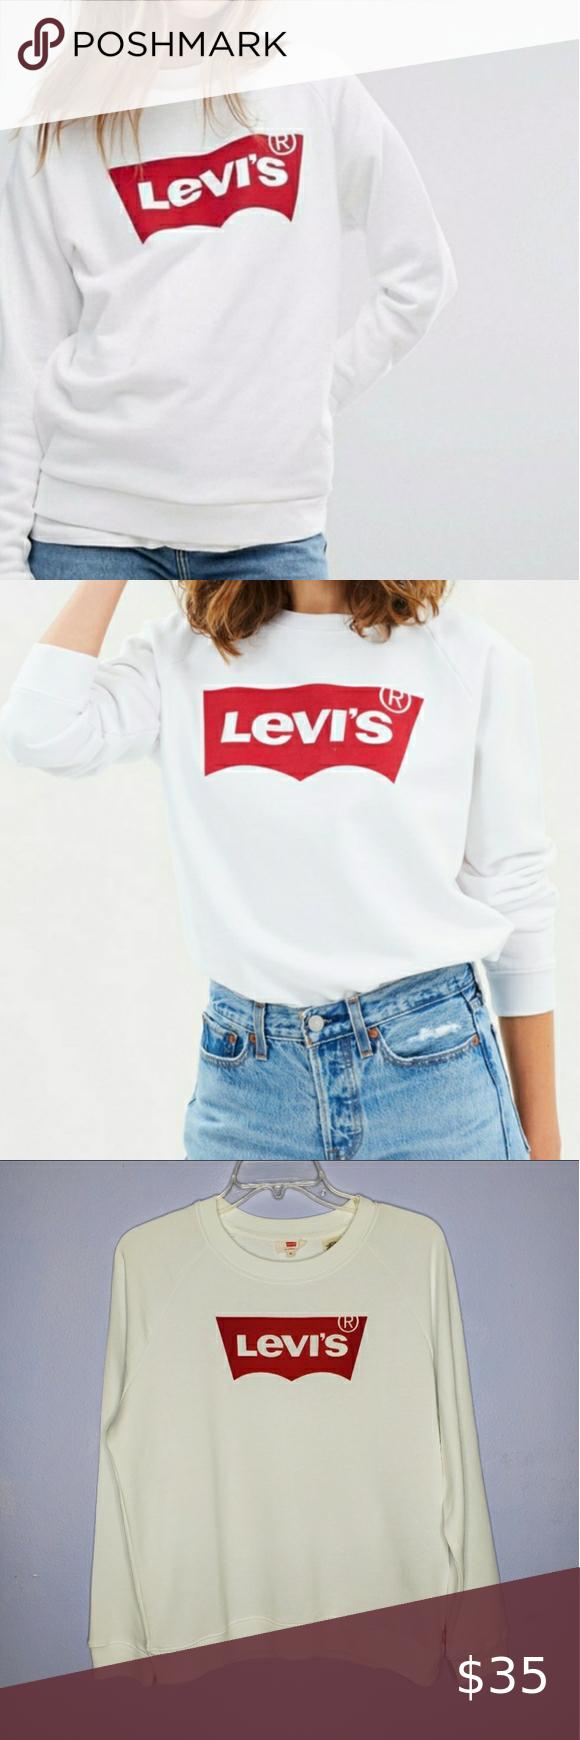 Levi S White Graphic Crewneck Sweatshirt Graphic Crew Neck Sweatshirts Crew Neck Sweatshirt Sweatshirts [ 1740 x 580 Pixel ]